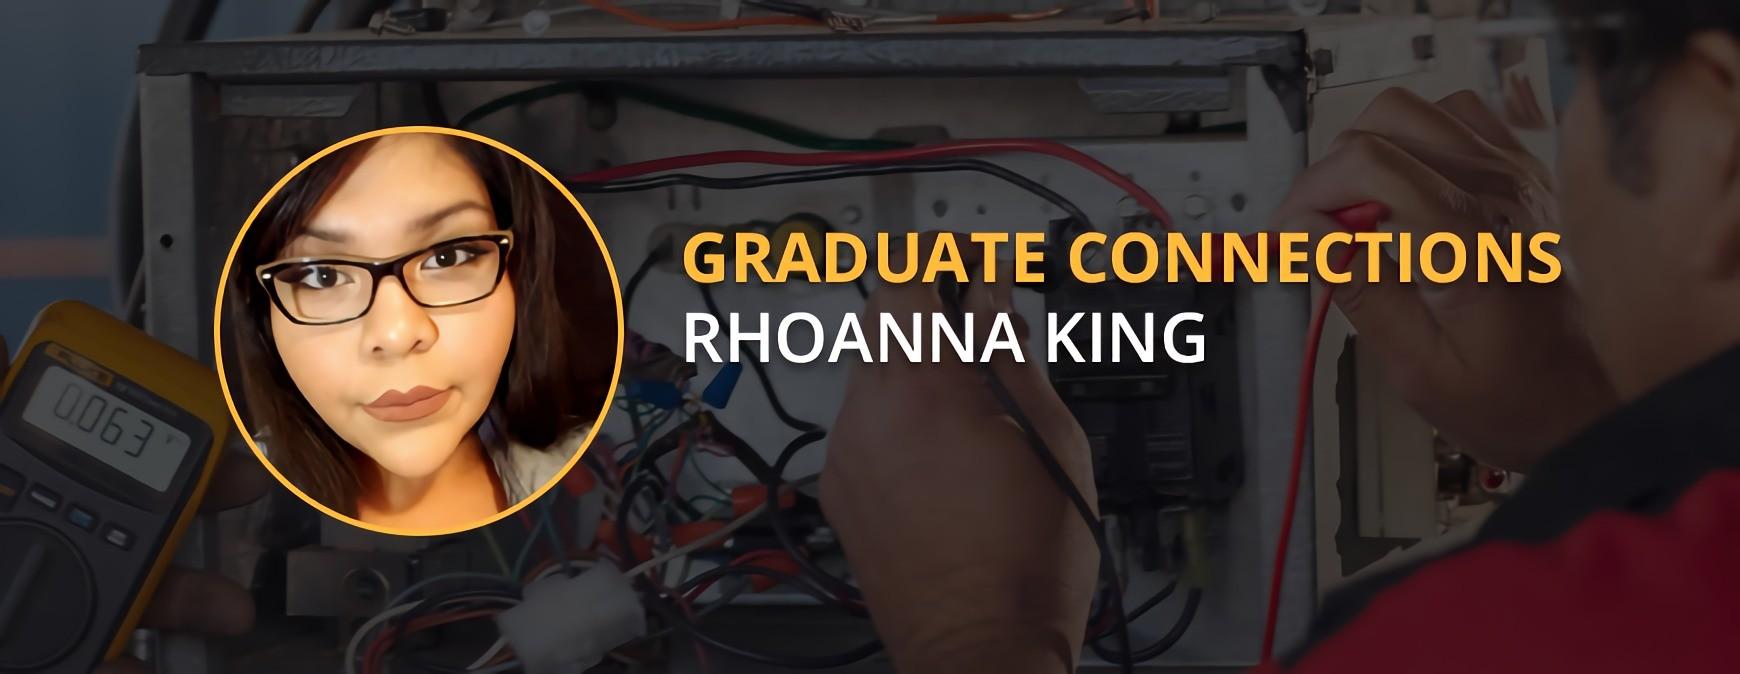 rhoanna king